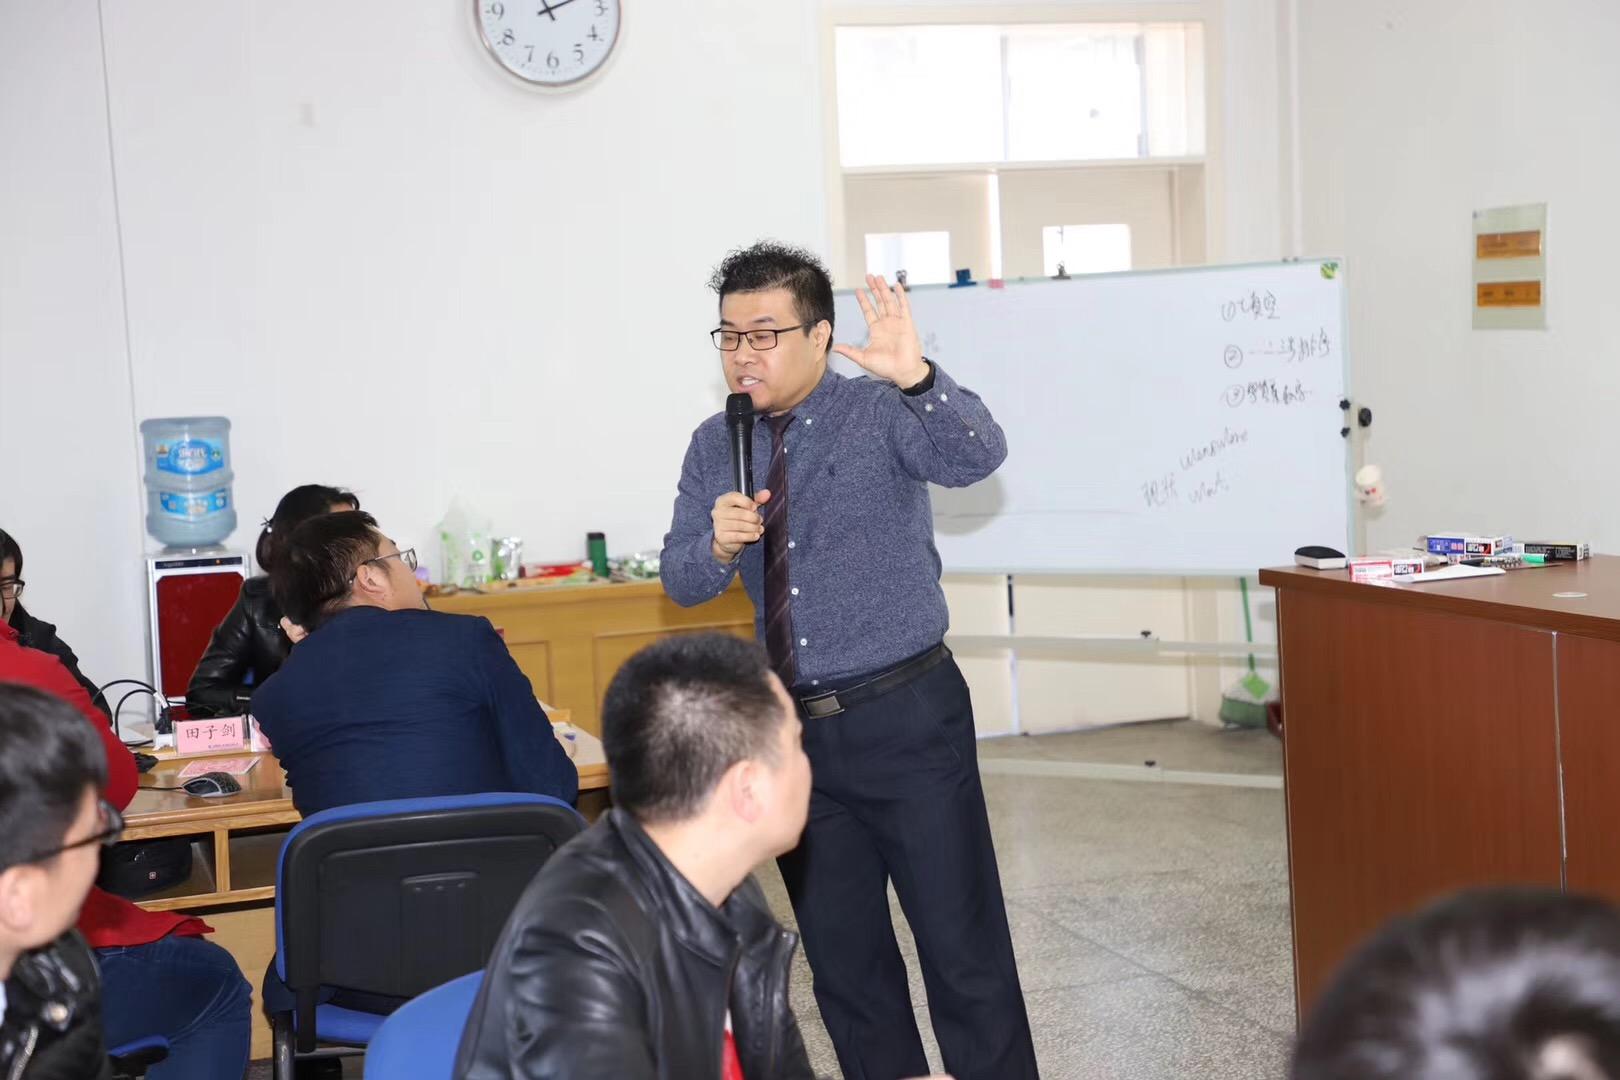 中建一局2019年度《FAST高效课程开发》 培训师邱伟